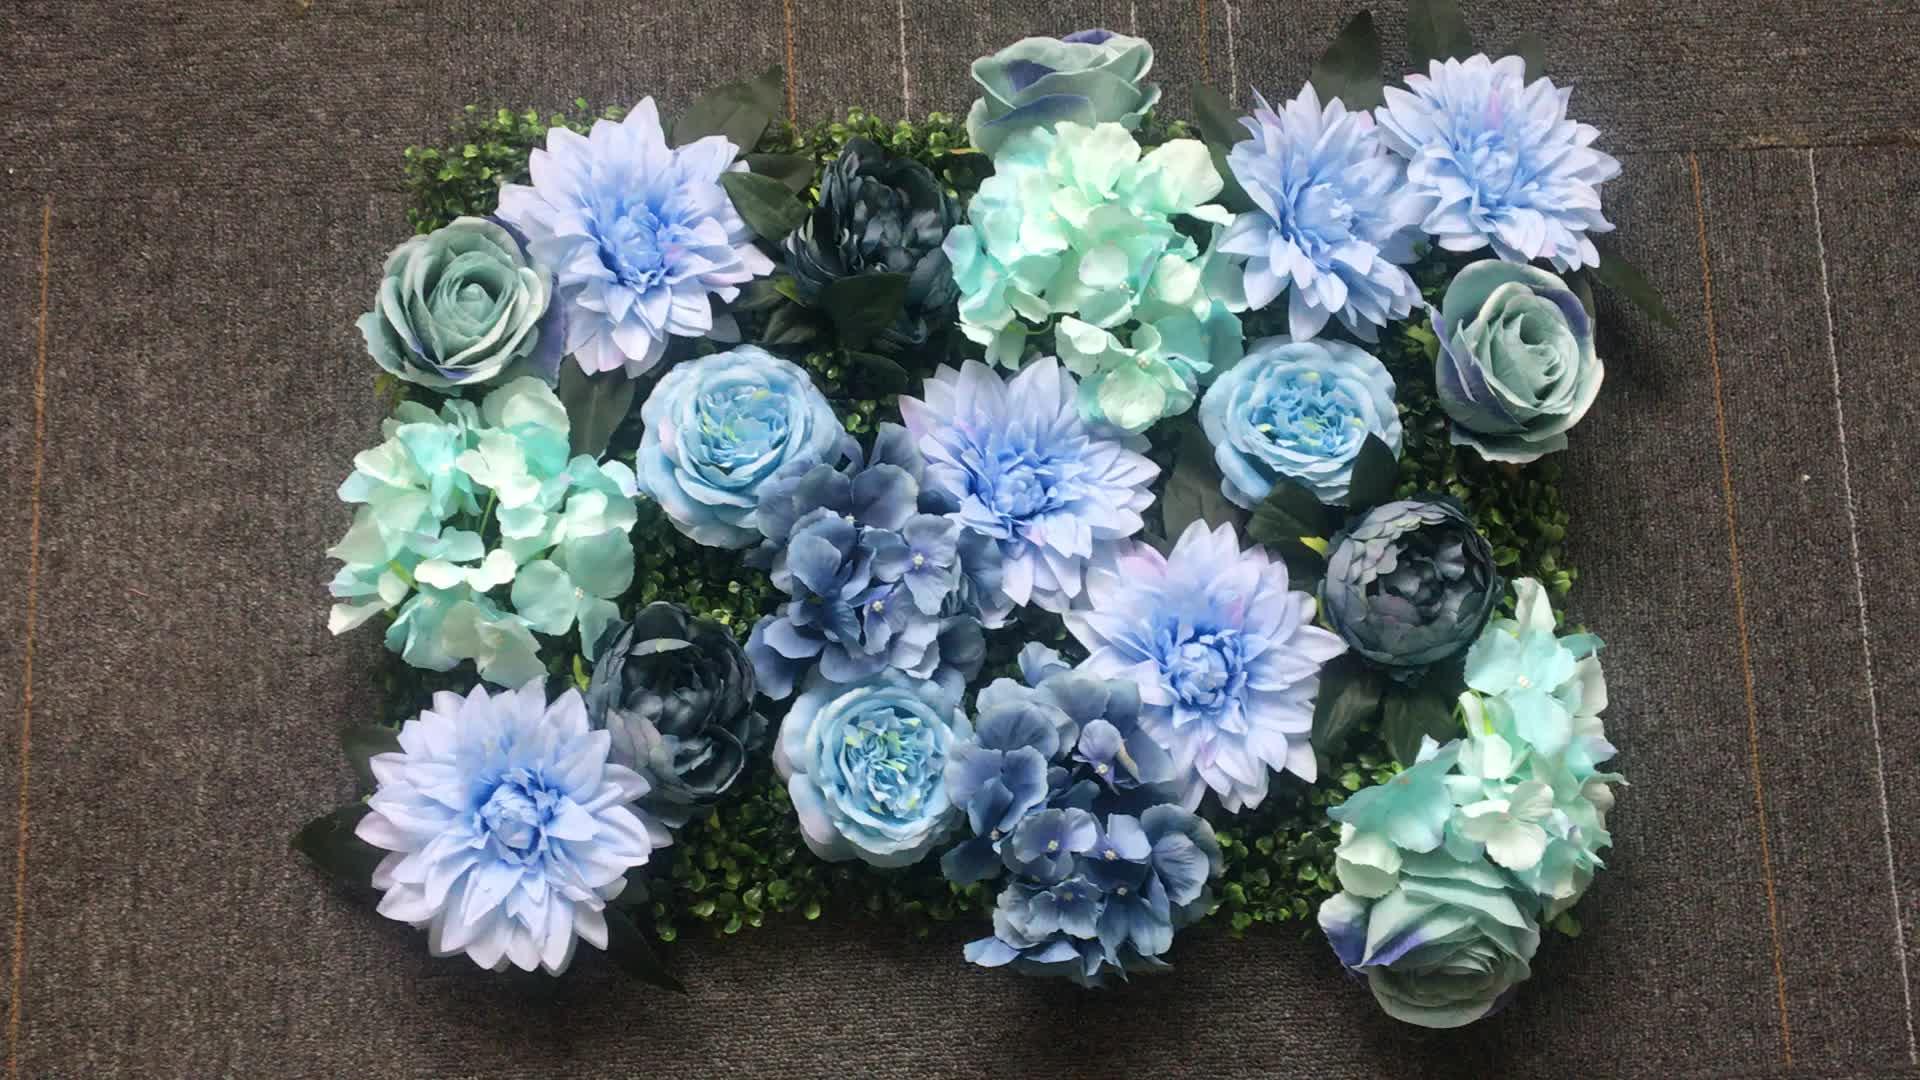 Plastik bitkiler ipek çiçek dekorasyonu ofis için yapay yeşil duvar paneli düğün çiçek duvar dekor çiçek